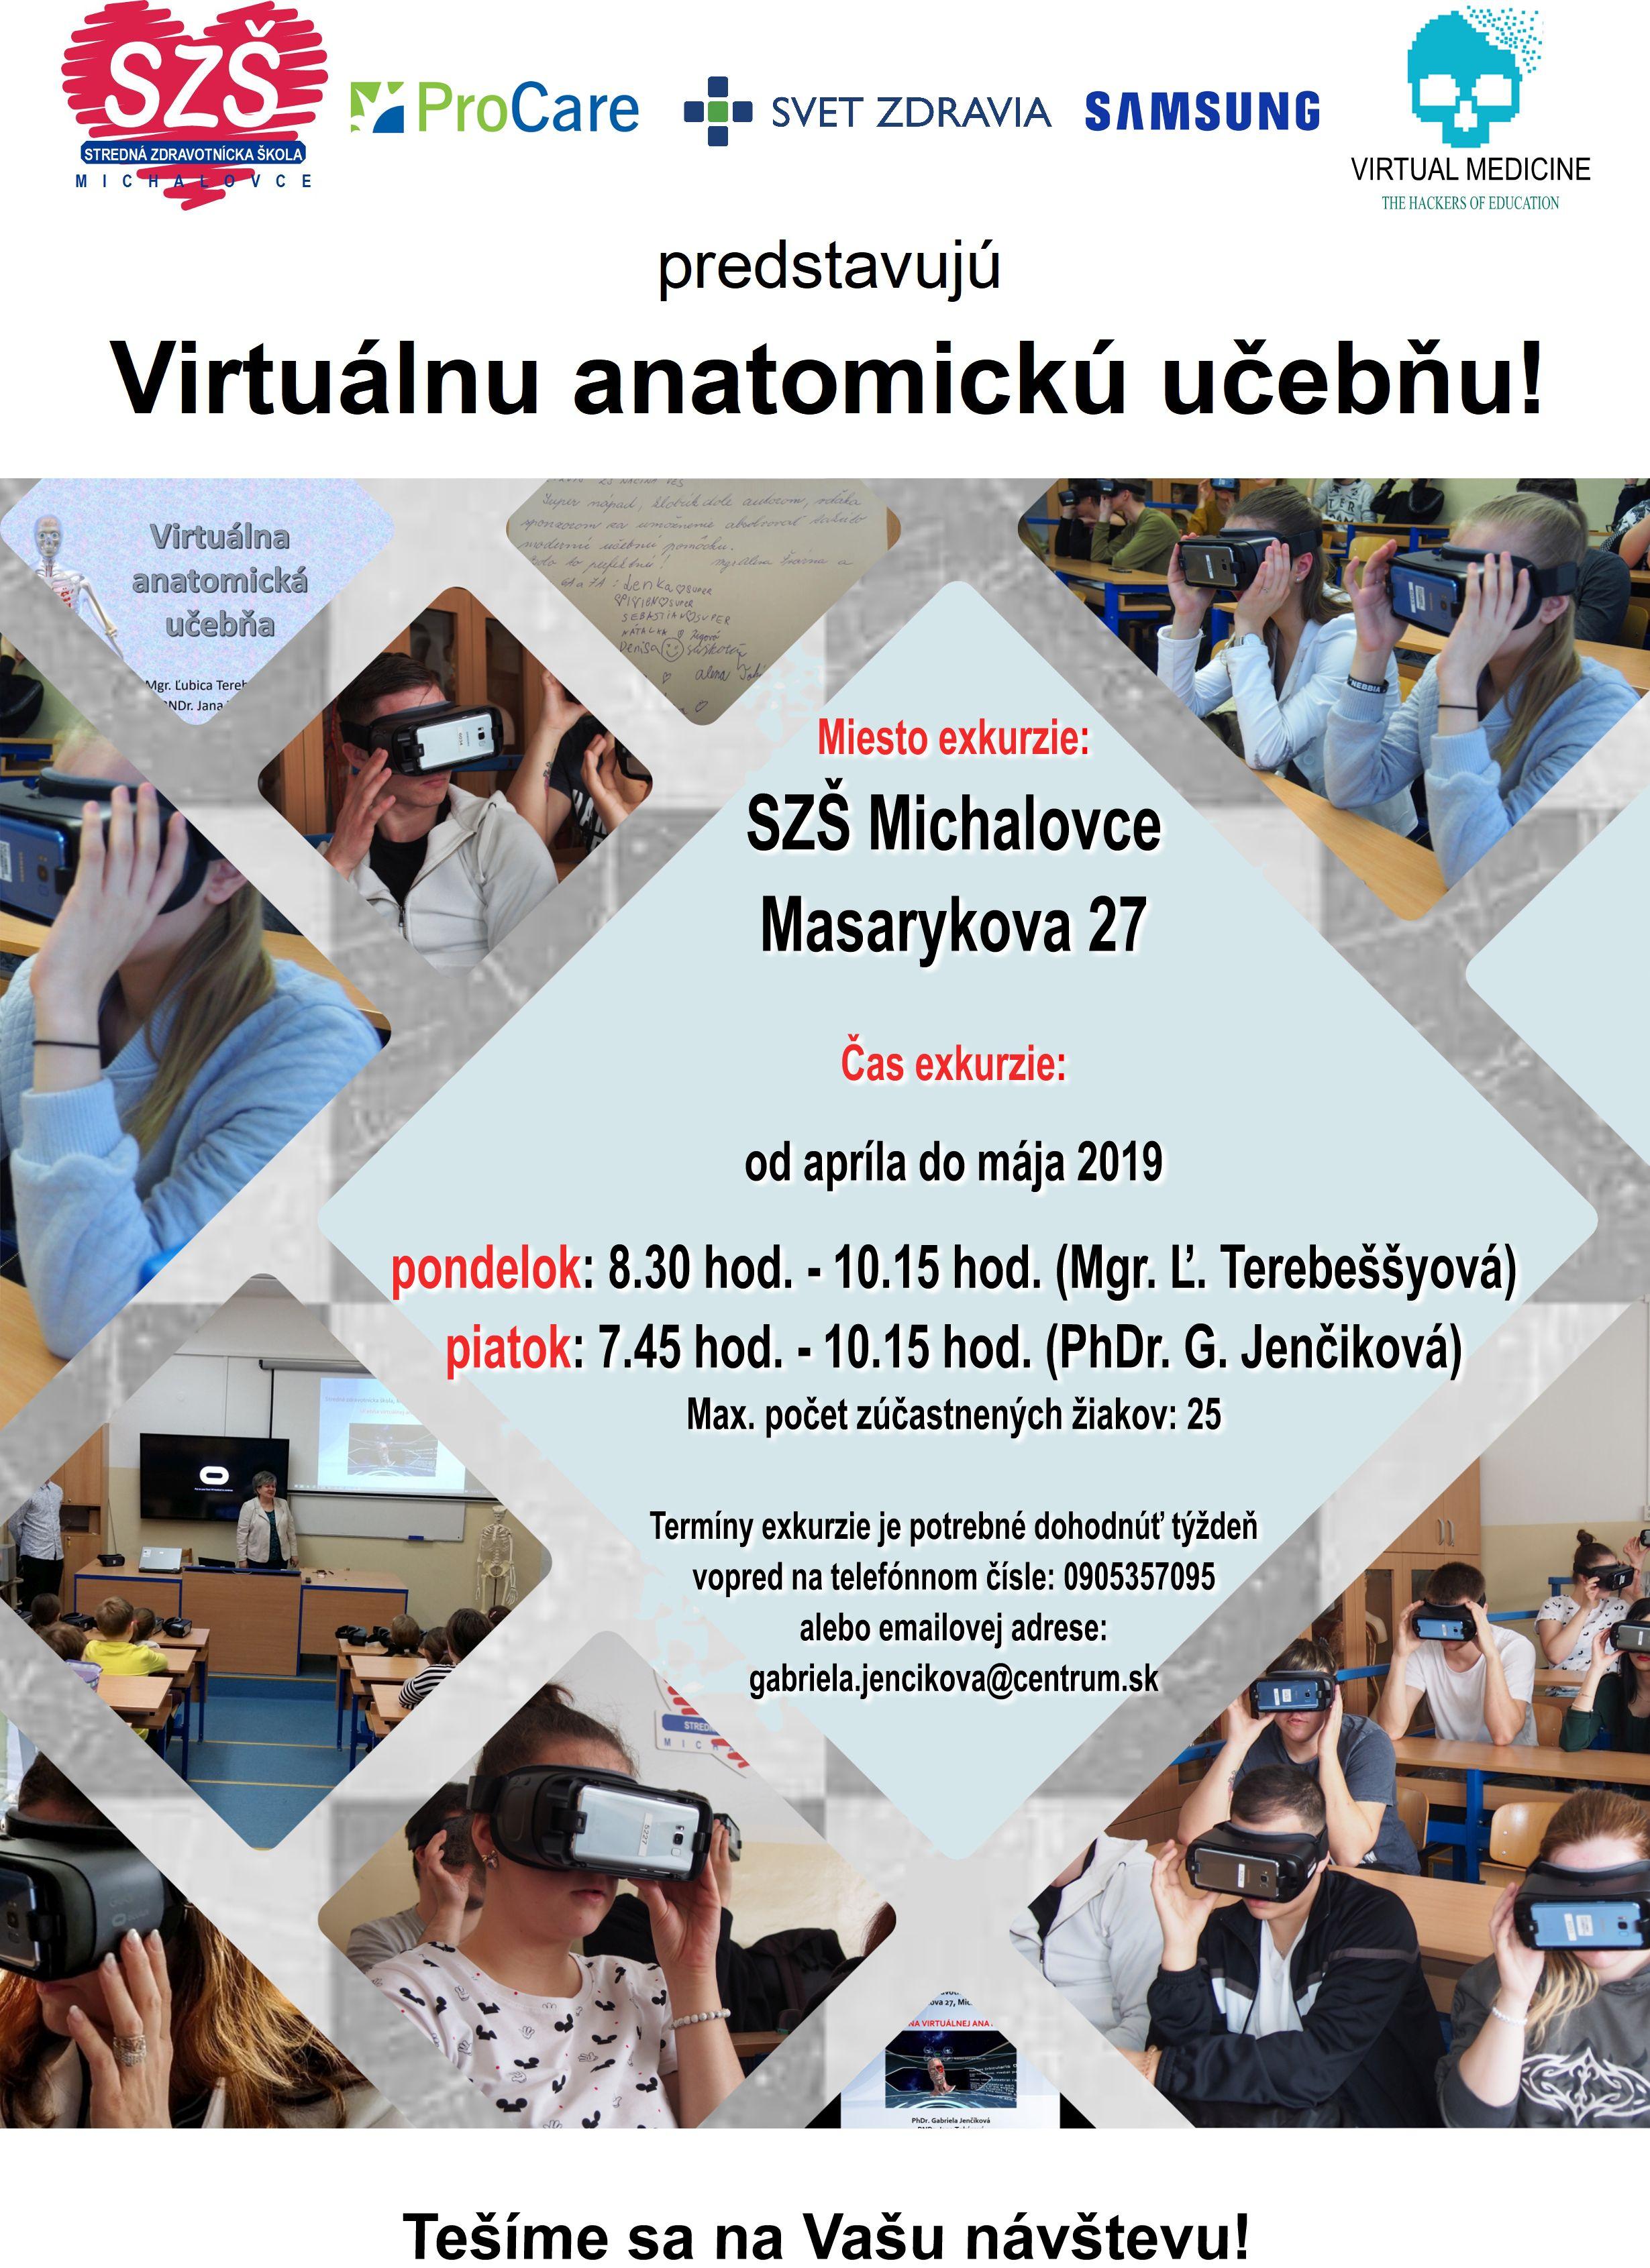 Virtuálna anatomická učebňa - zaži hodinu s virtuálnou realitou